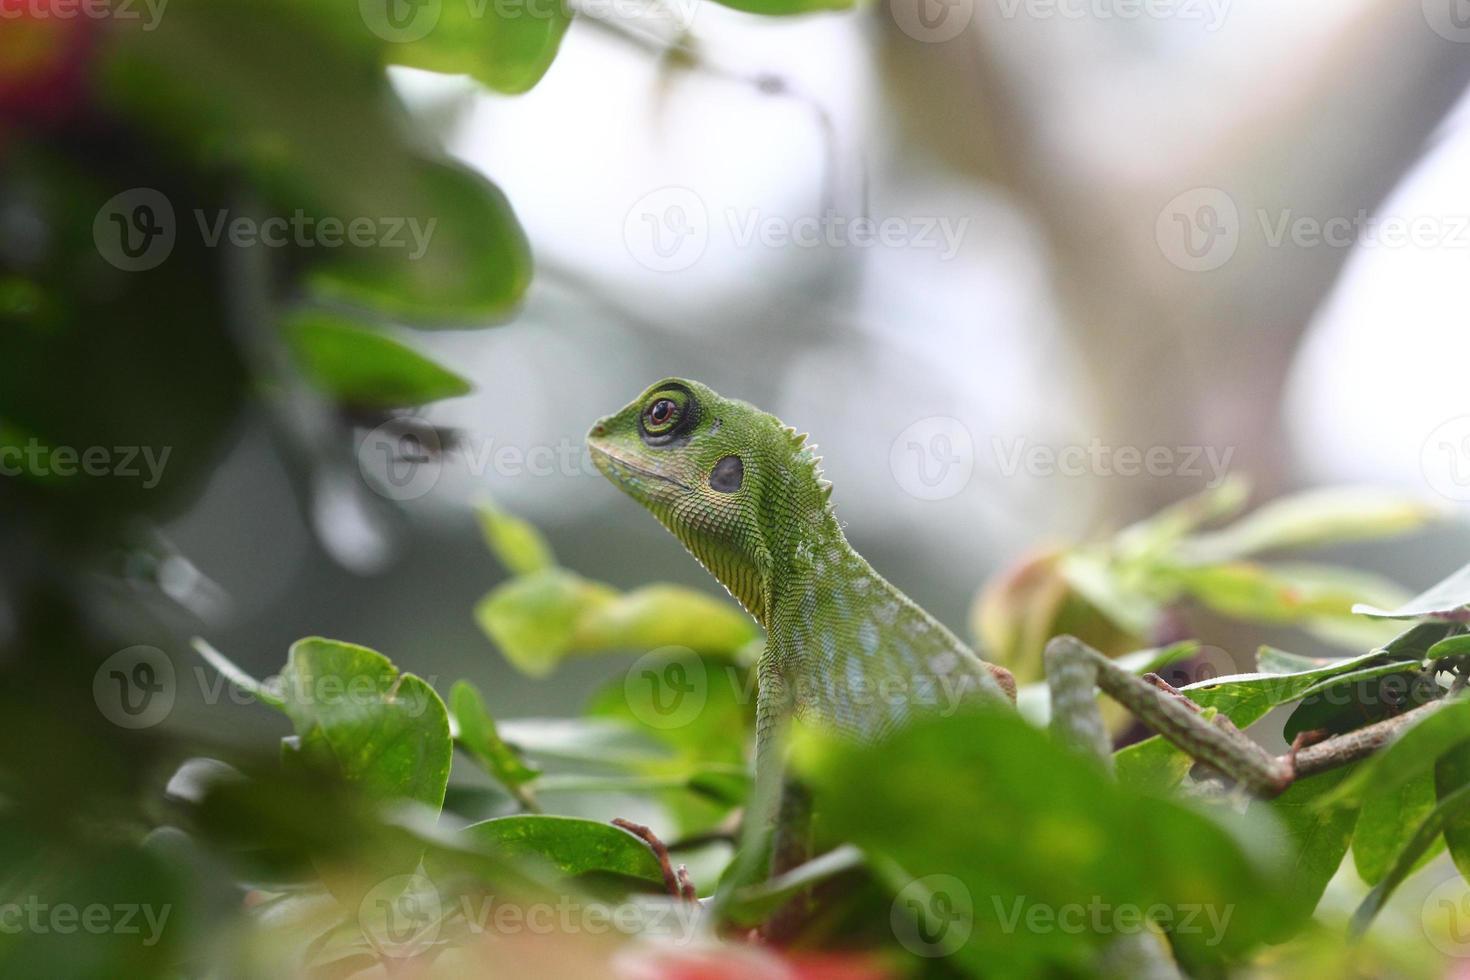 lucertola crestata verde in cerca di cibo foto